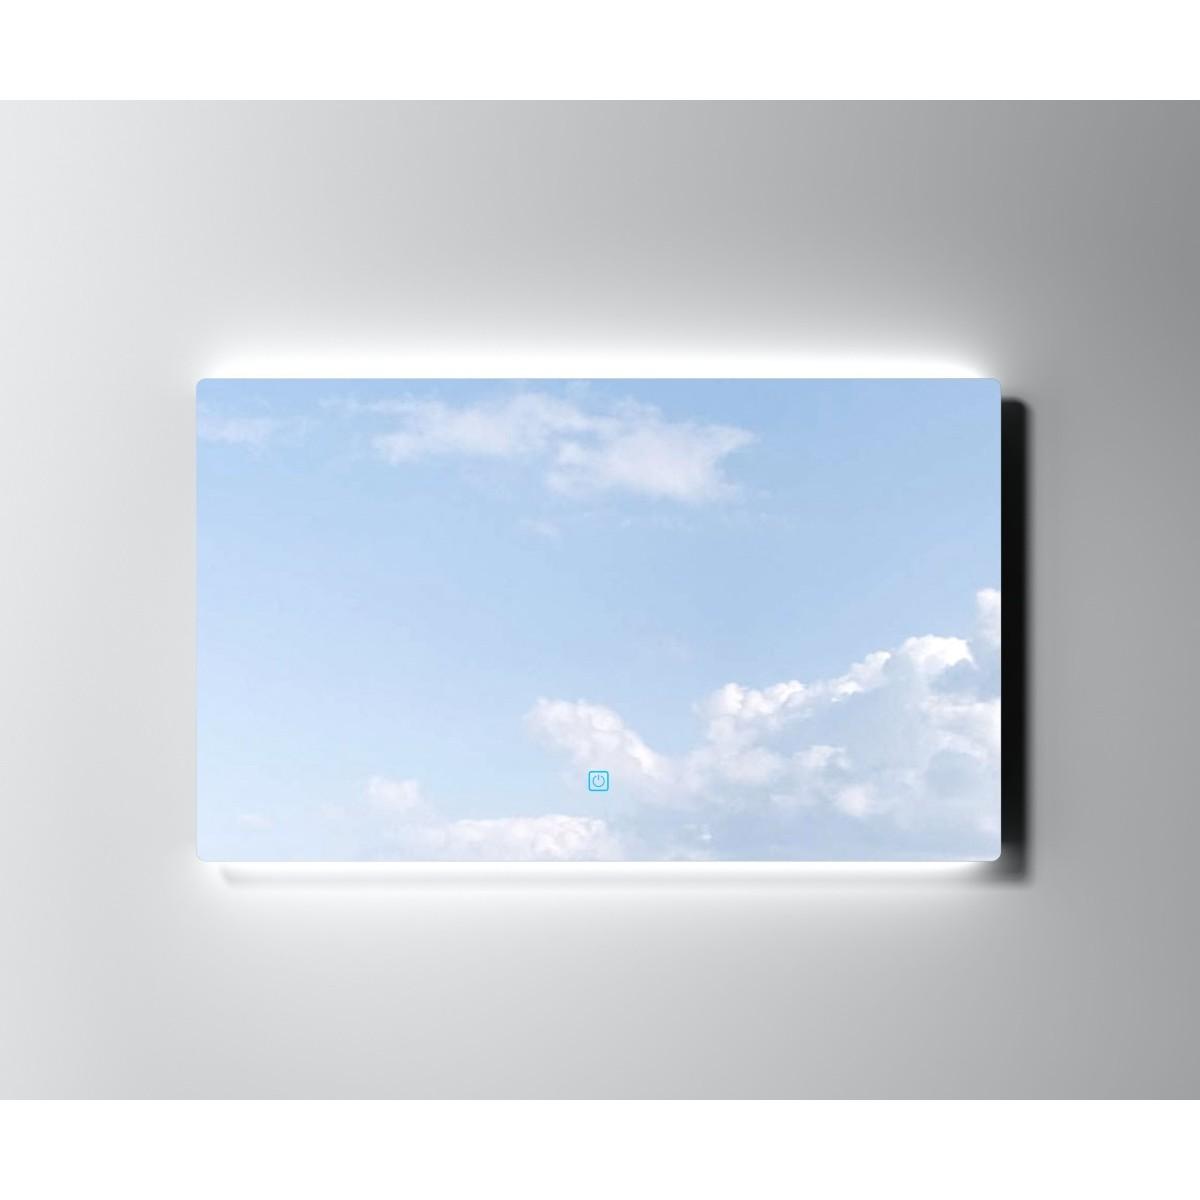 LED Spiegel VL12048